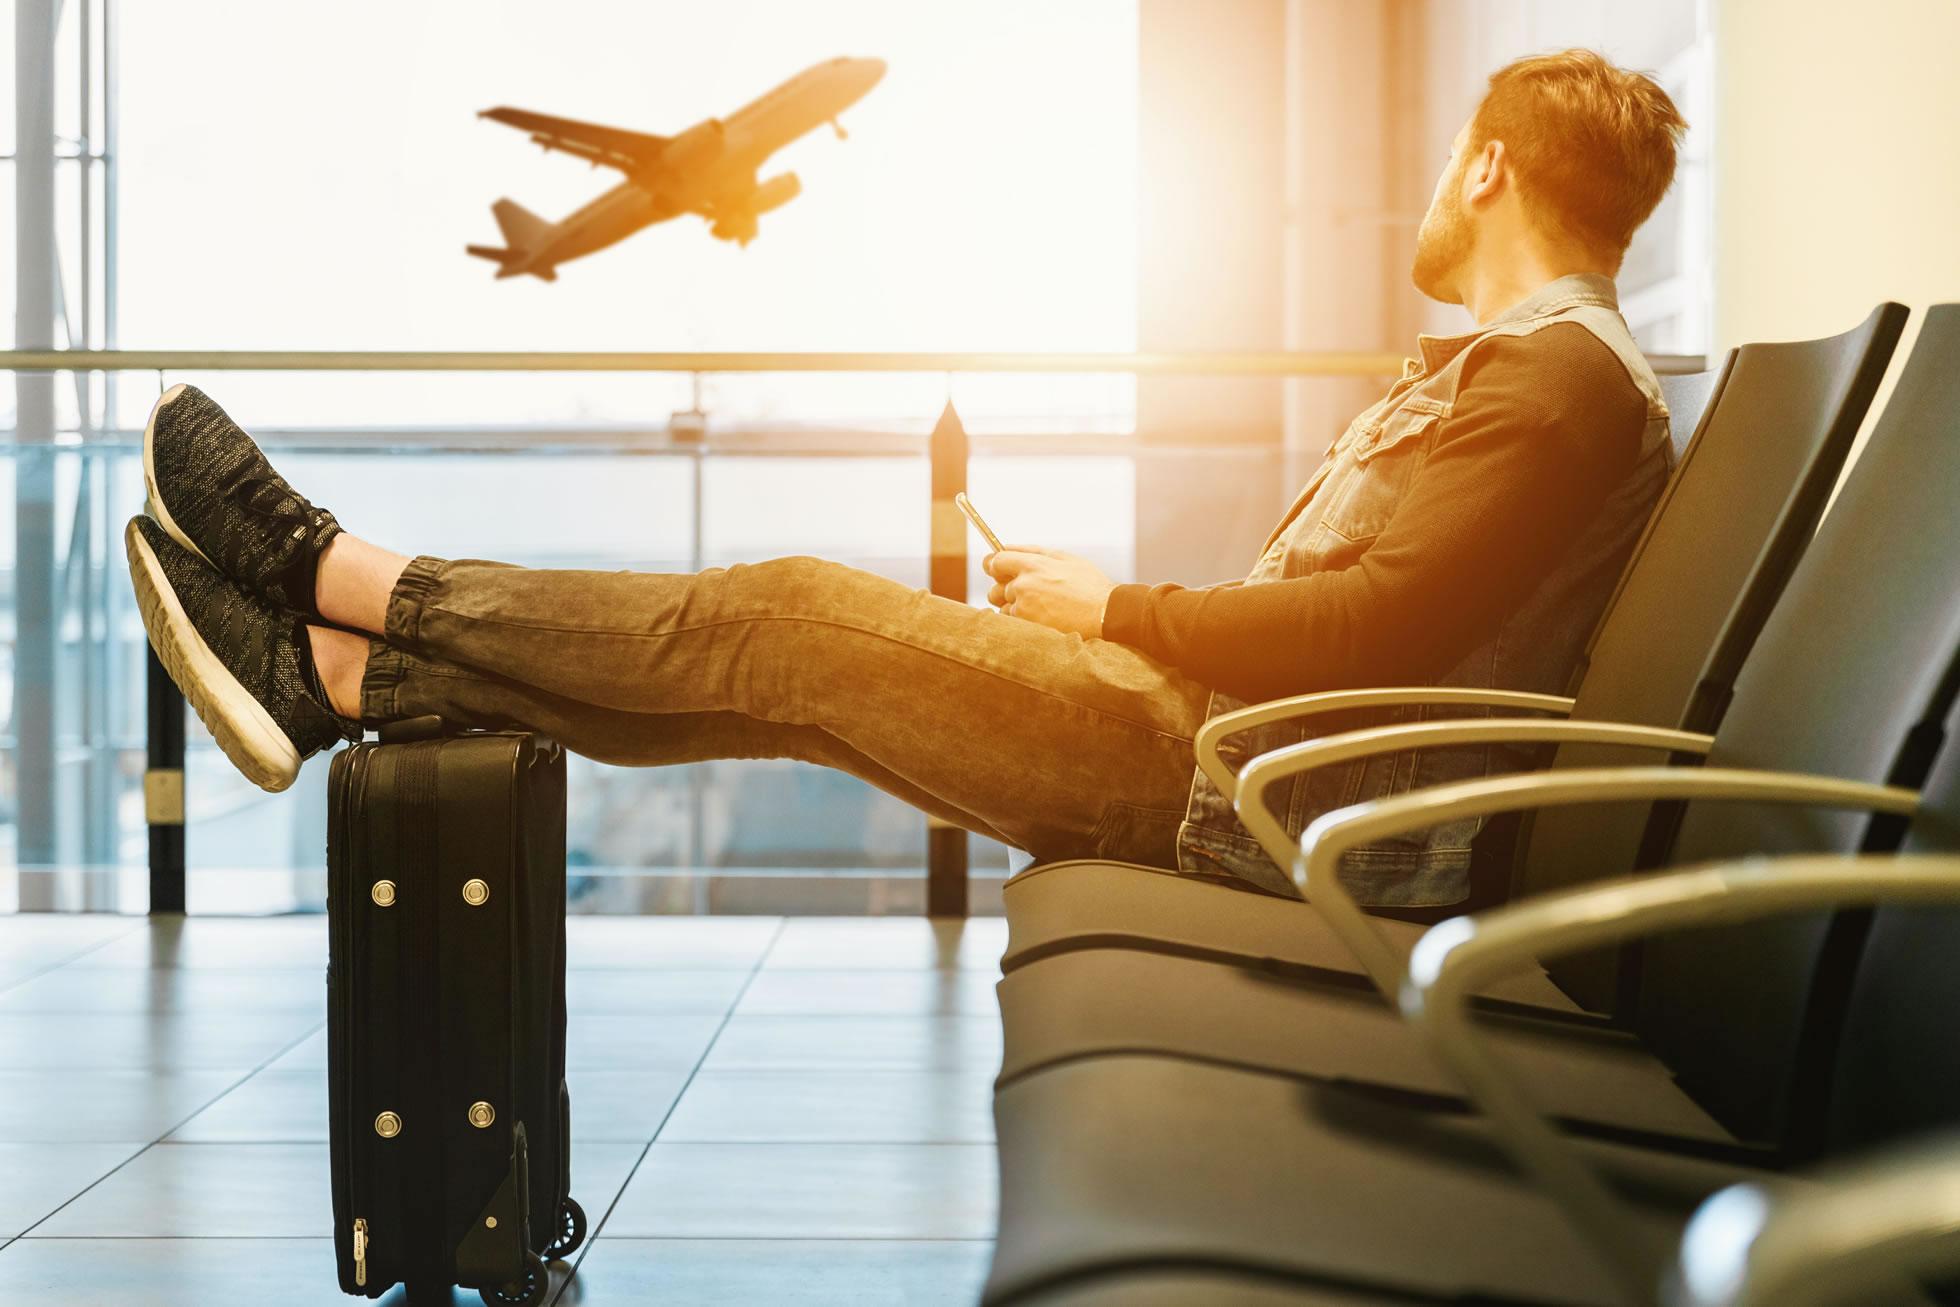 http://www.business-travel-btm.com/wp-content/uploads/2021/05/Viaggi-Turismo-02-Btm-Business-Travel-Management.jpg